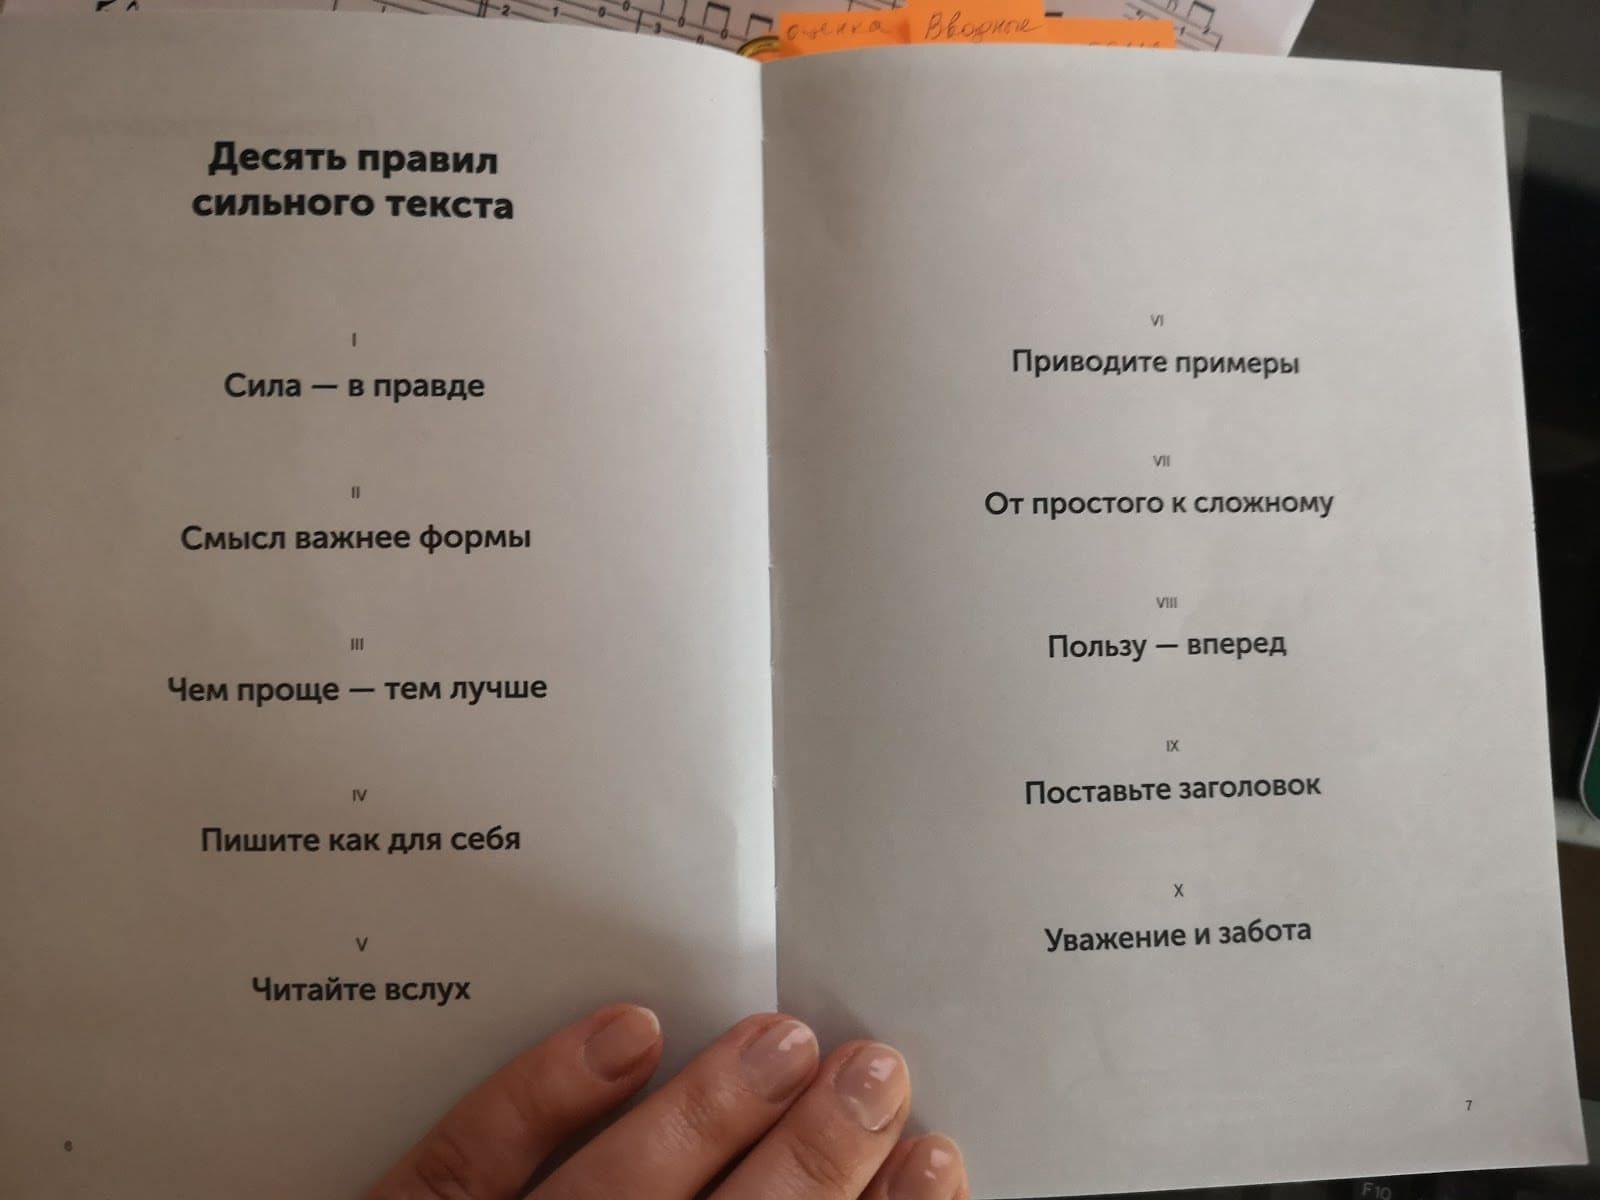 «Пиши, сокращай» содержание книги